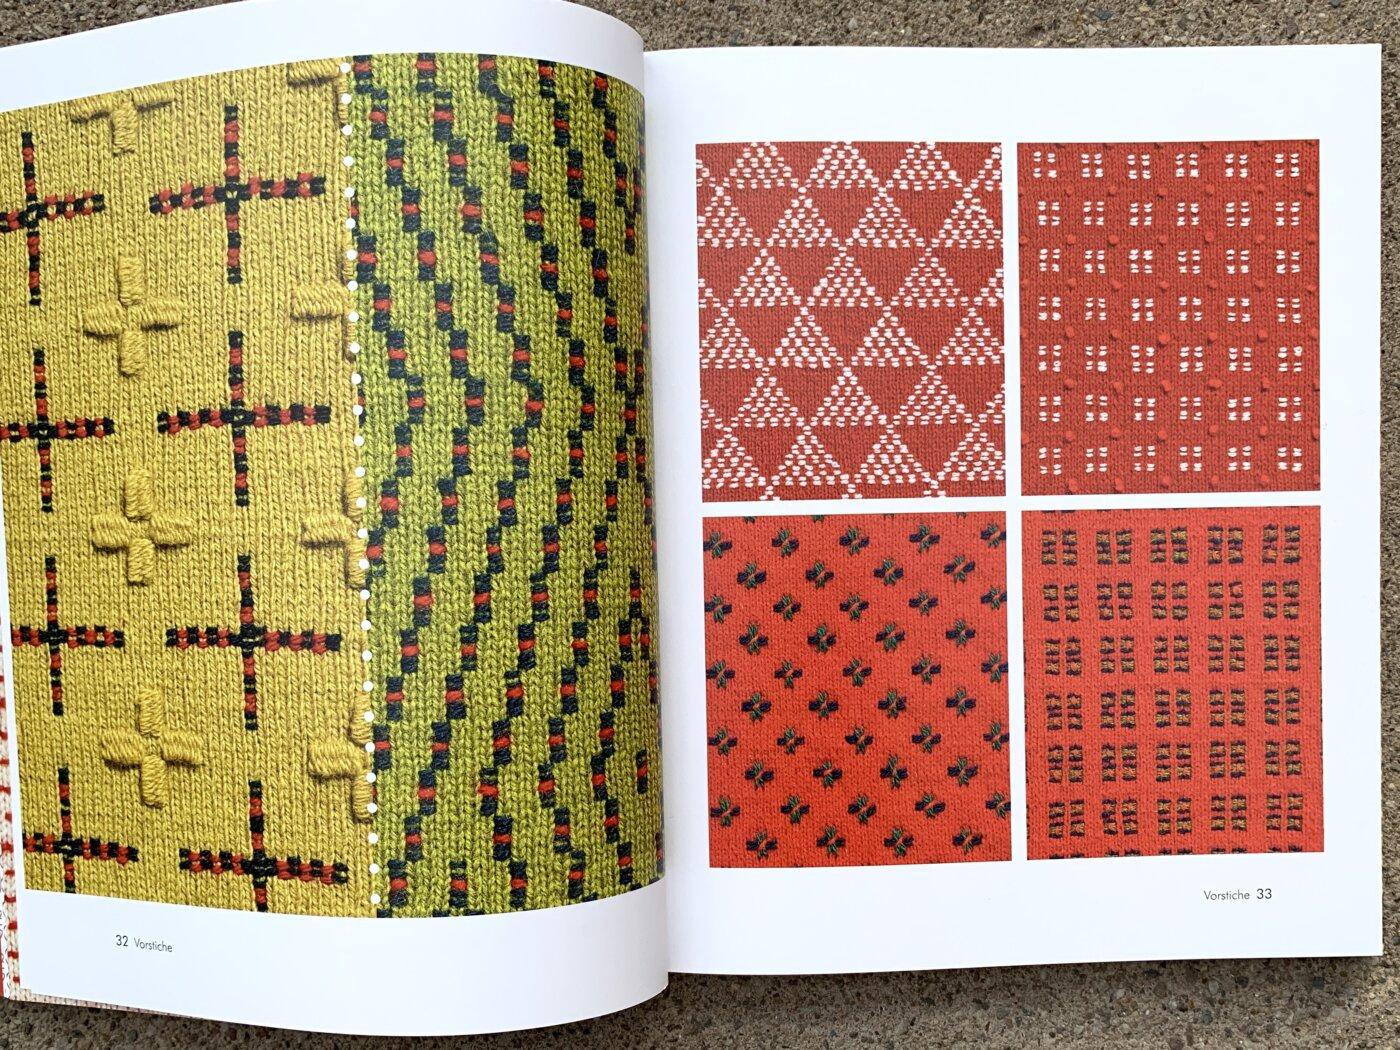 Musterproben im Buch Sticken auf Strick